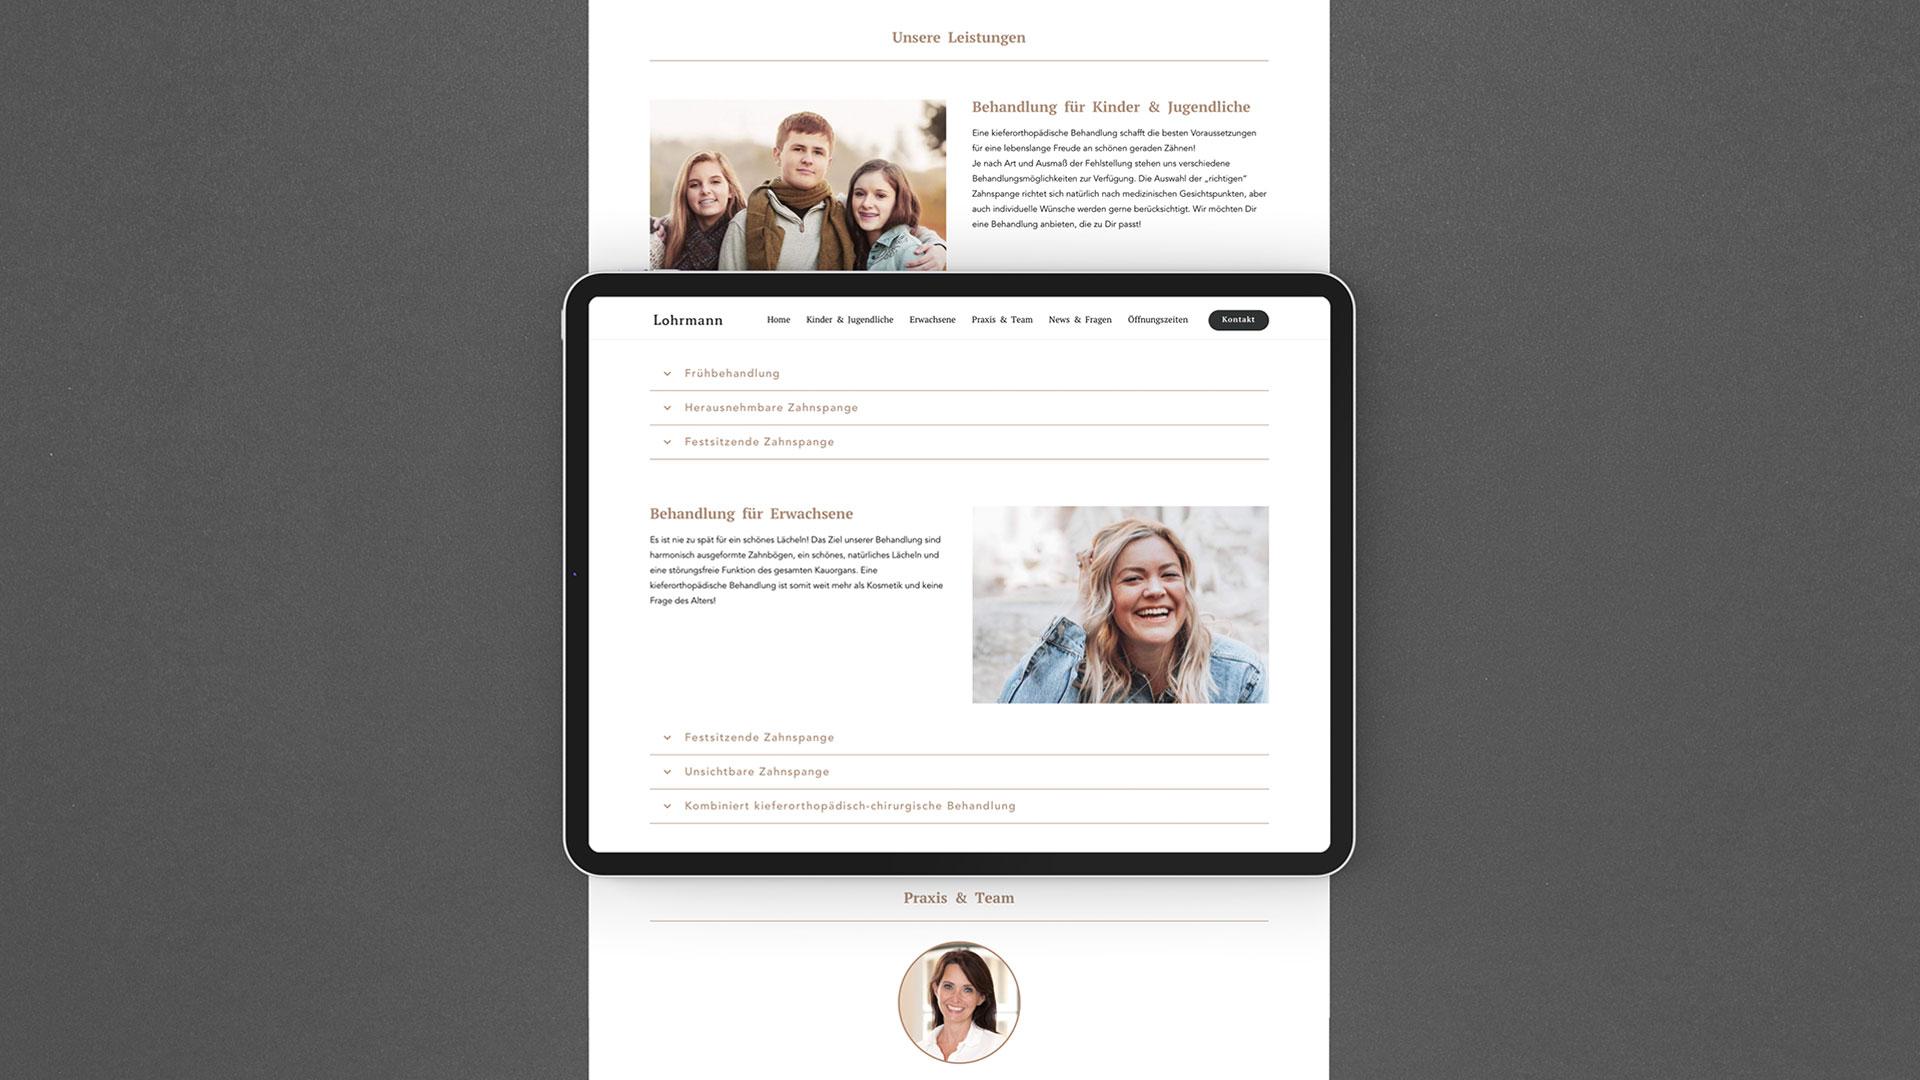 Kieferorthopäde Lohrmann Design Website